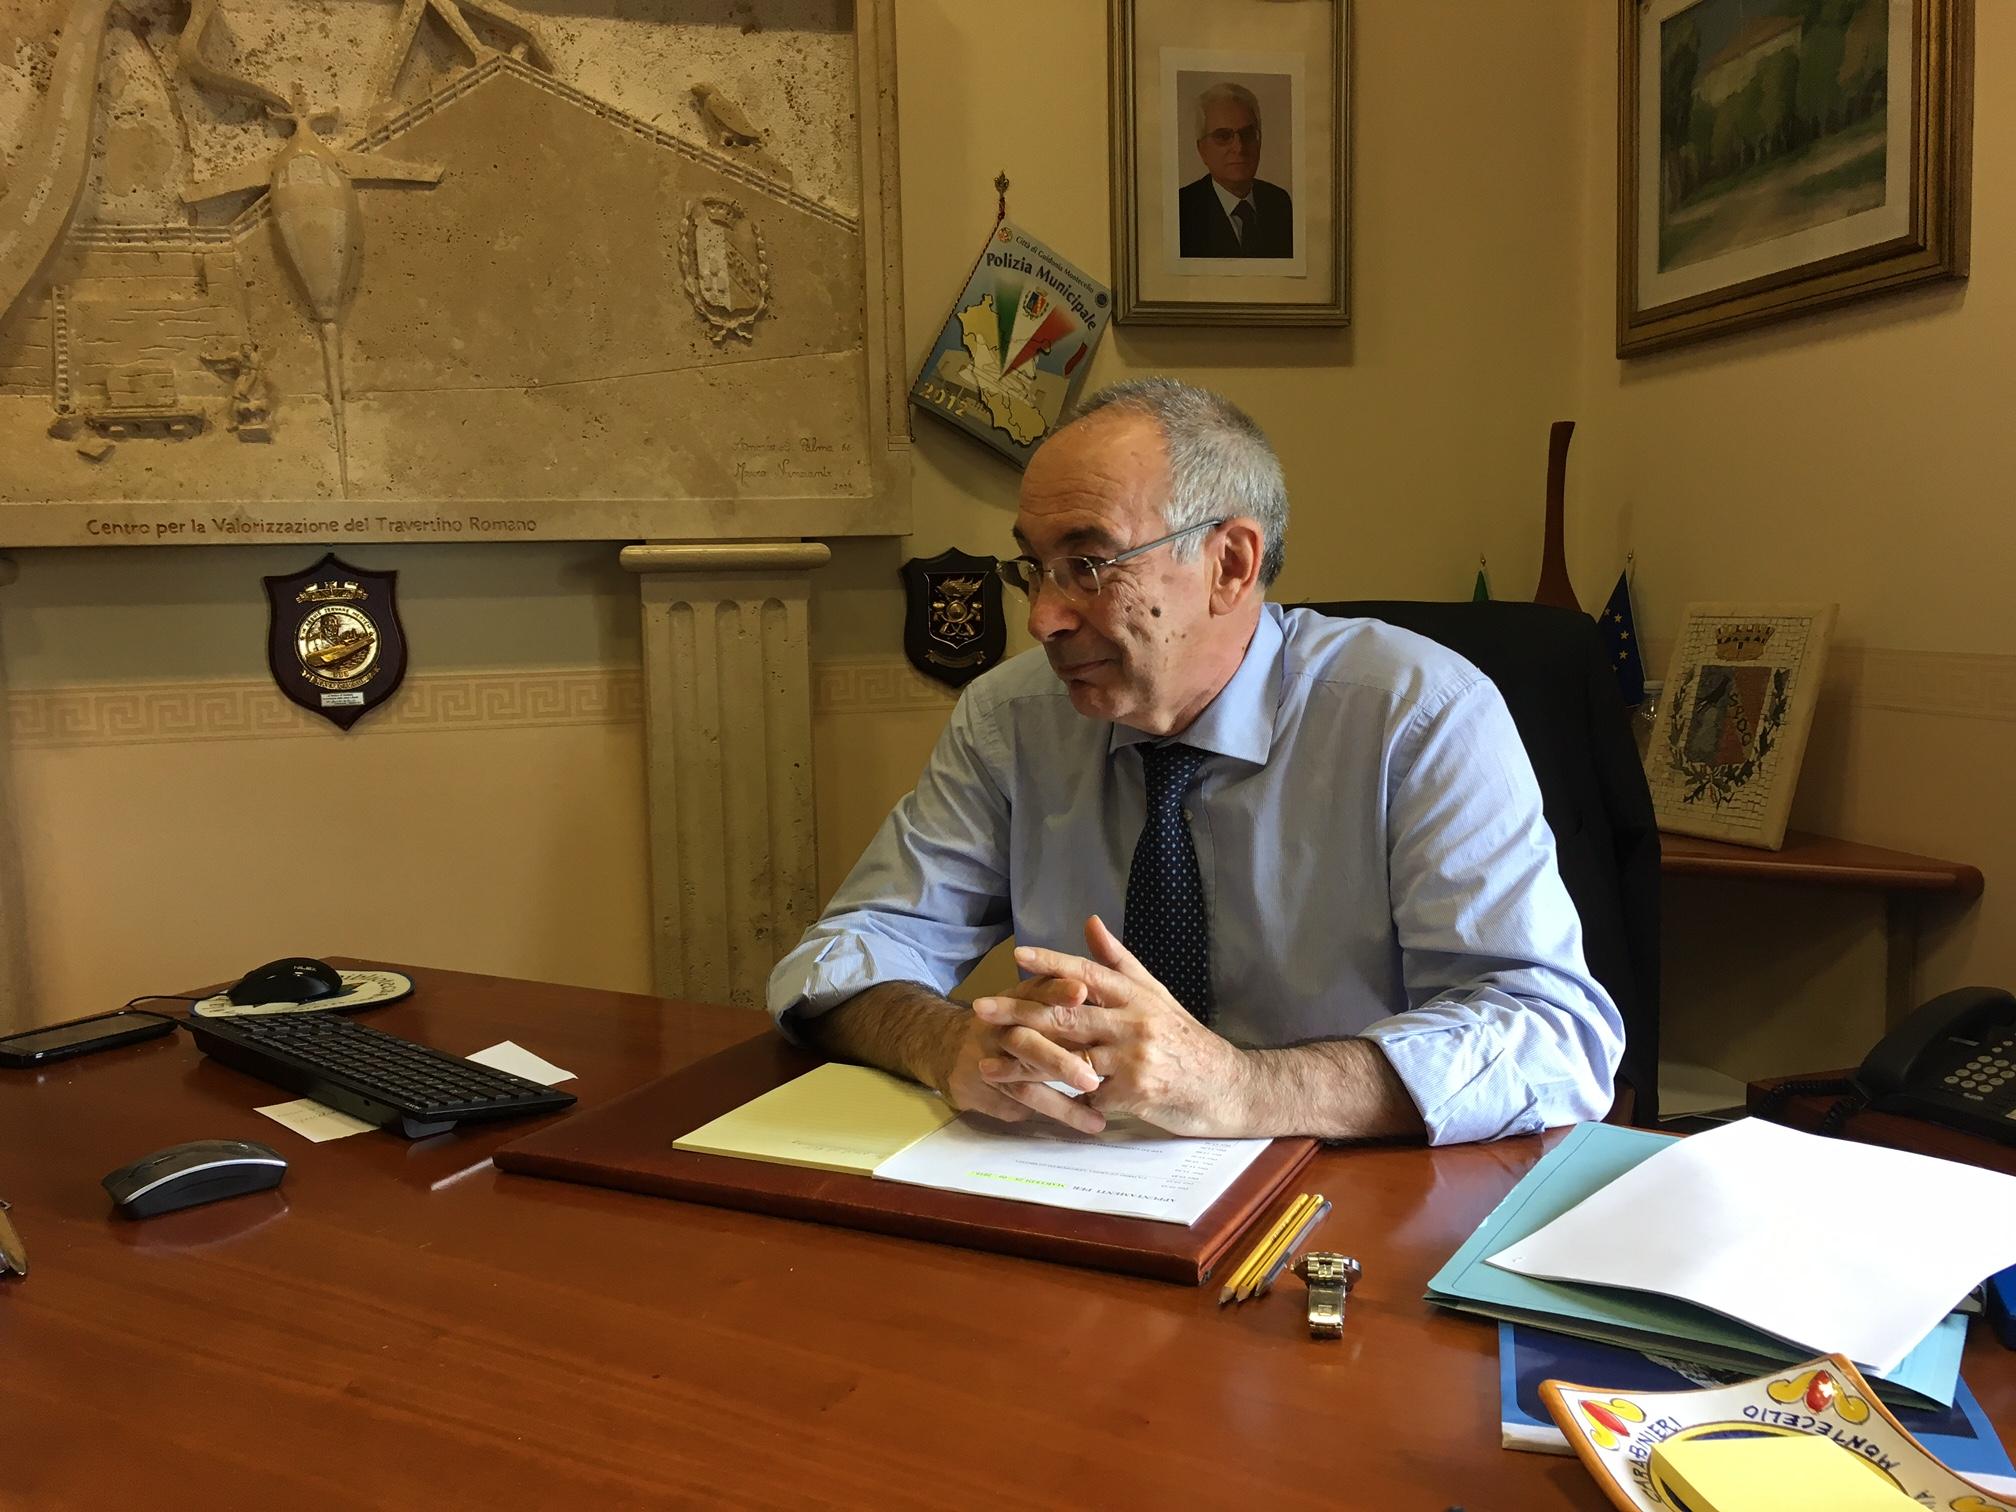 """Asilo comunale e differenziata, il commissario: """"Impegno massimo sui servizi"""". Il Bilancio entro 15 giorni"""